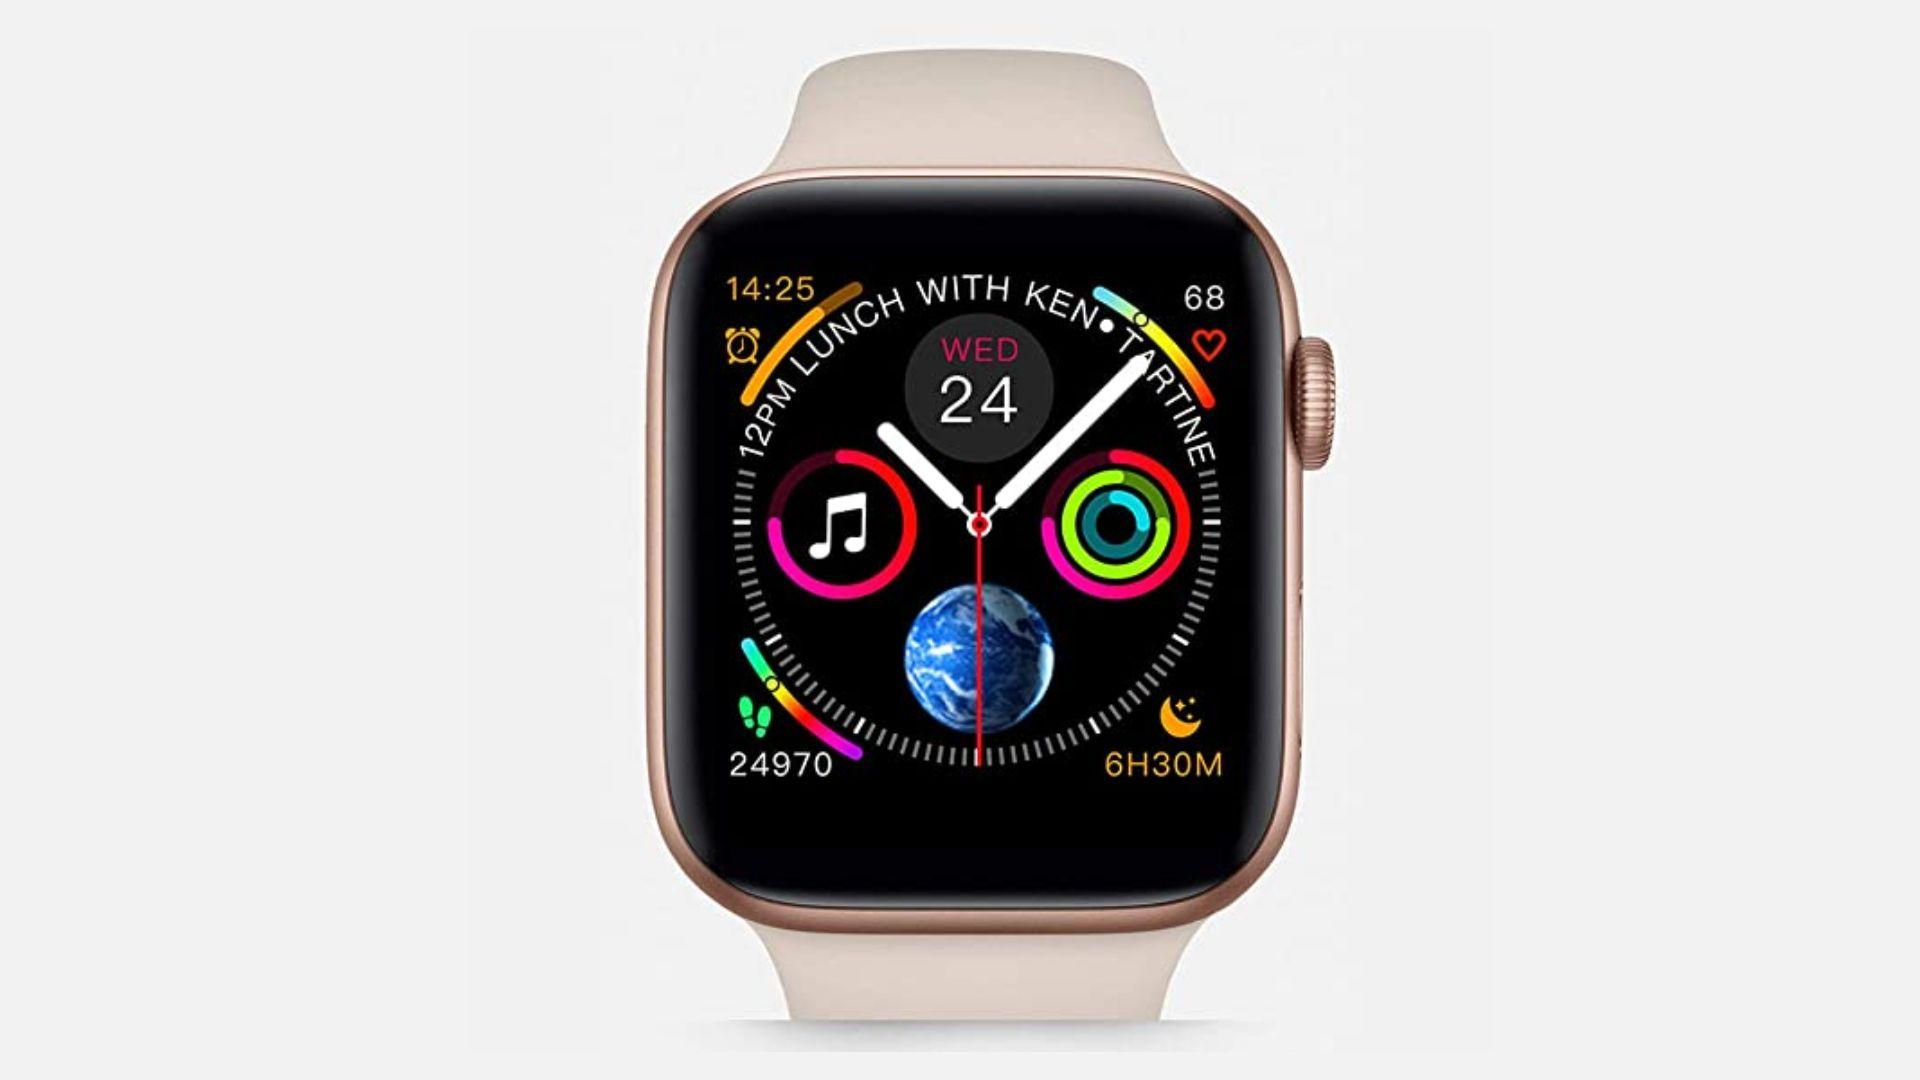 Smartwatch Iwo 8 tem tela colorida e design que imita o Apple Watch Series 4 (Foto: Divulgação/Iwo)